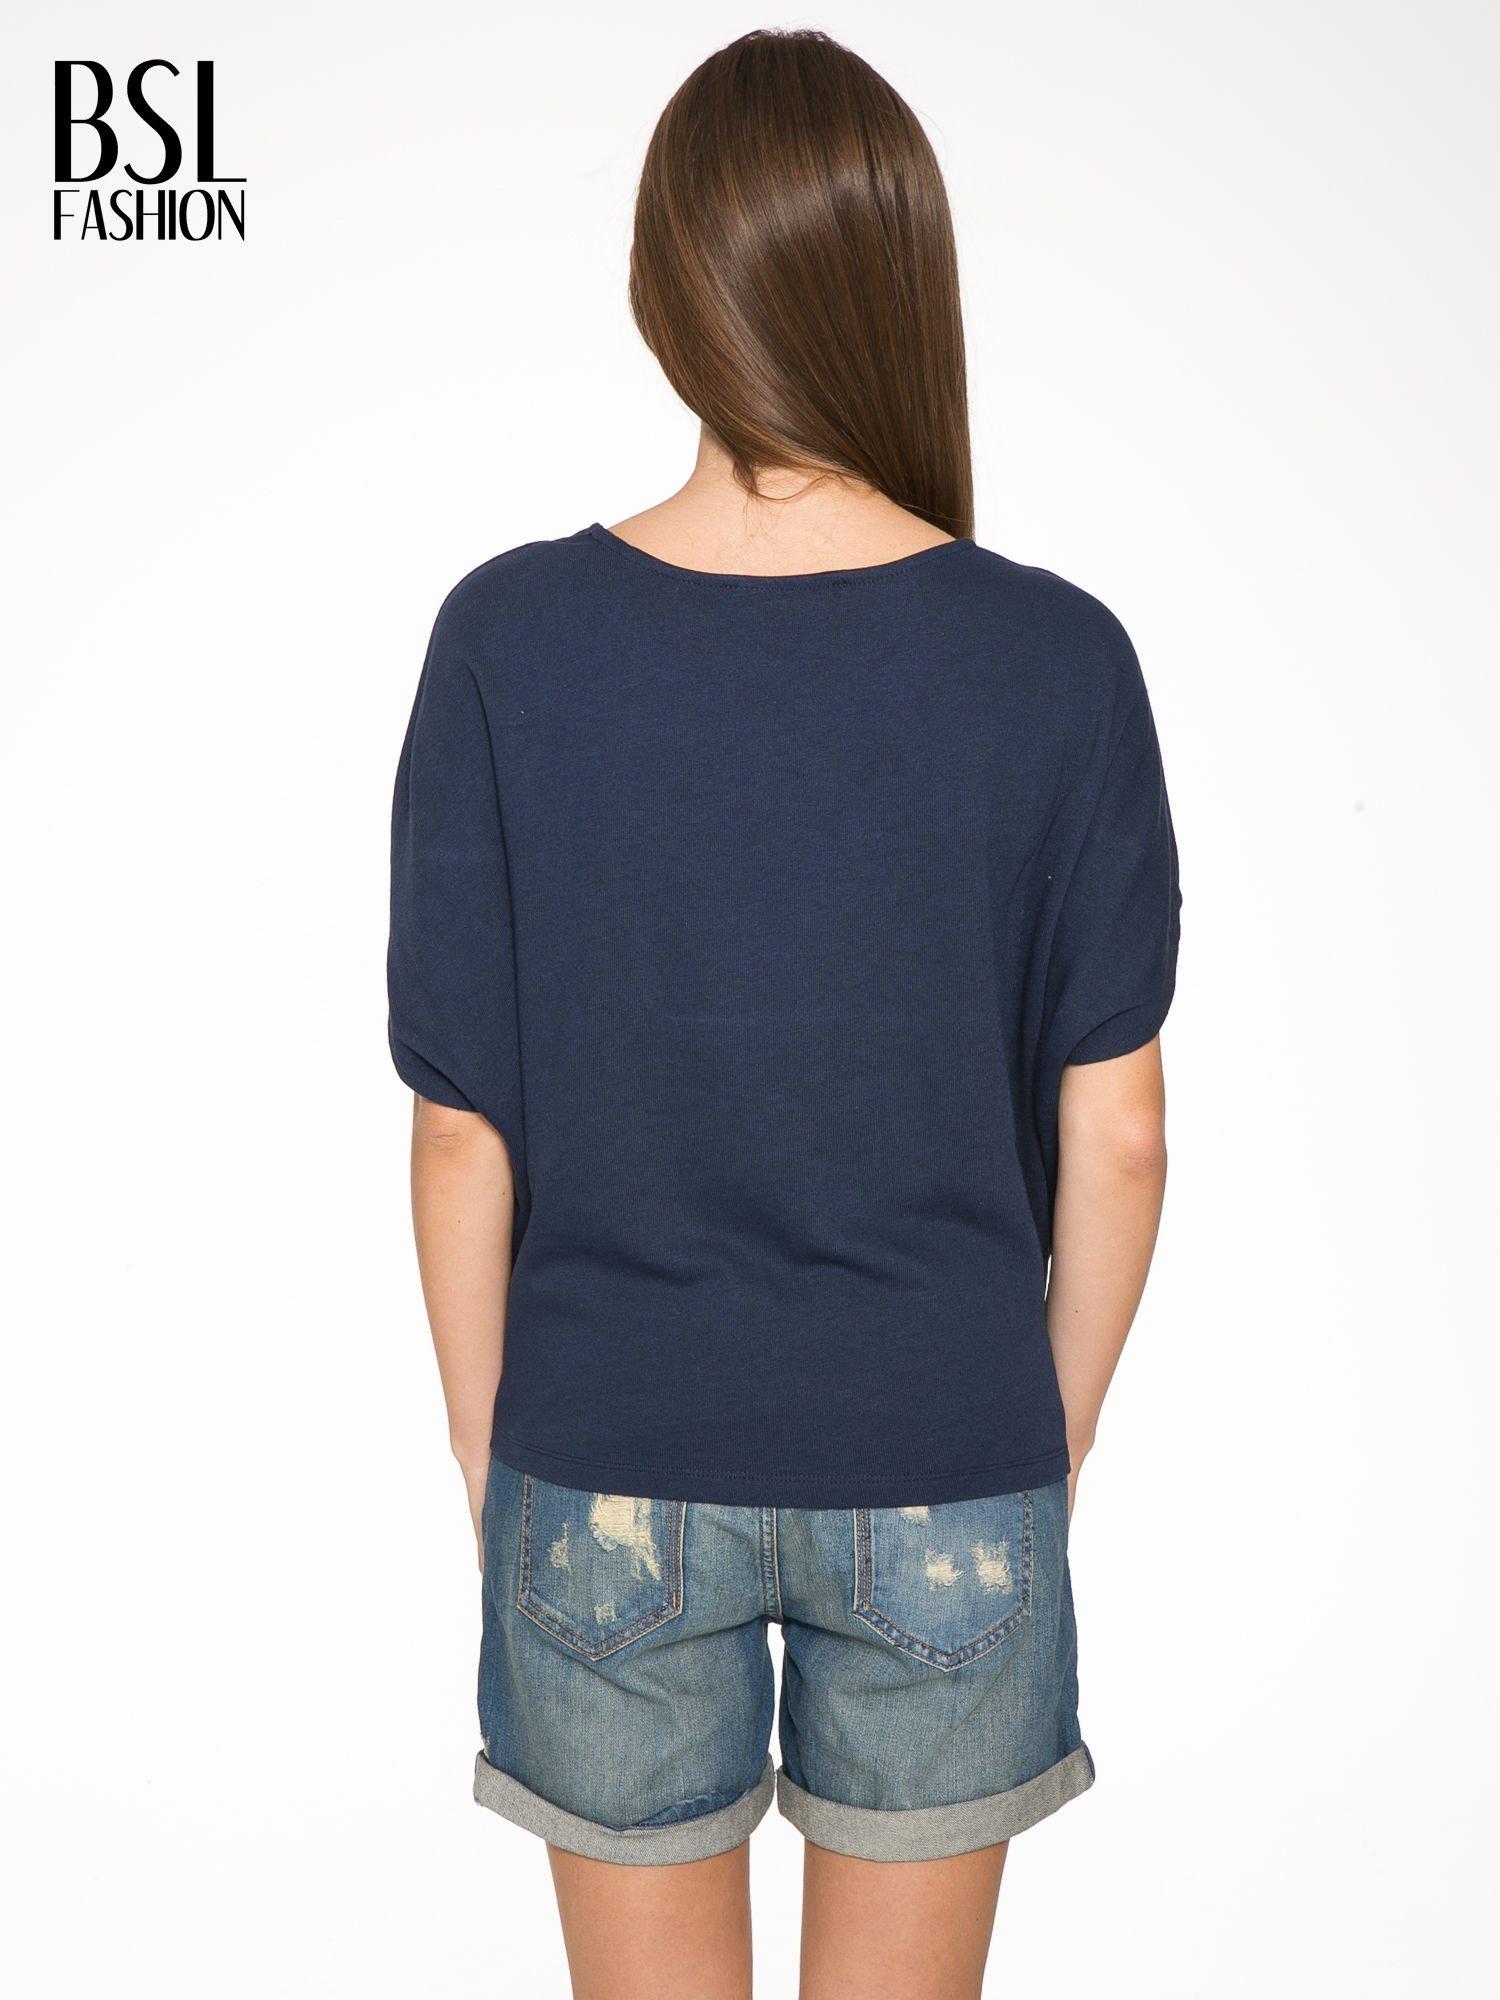 Granatowa bluza z nadrukiem tarczy zodiakalnej i szerokimi rękawami                                  zdj.                                  4